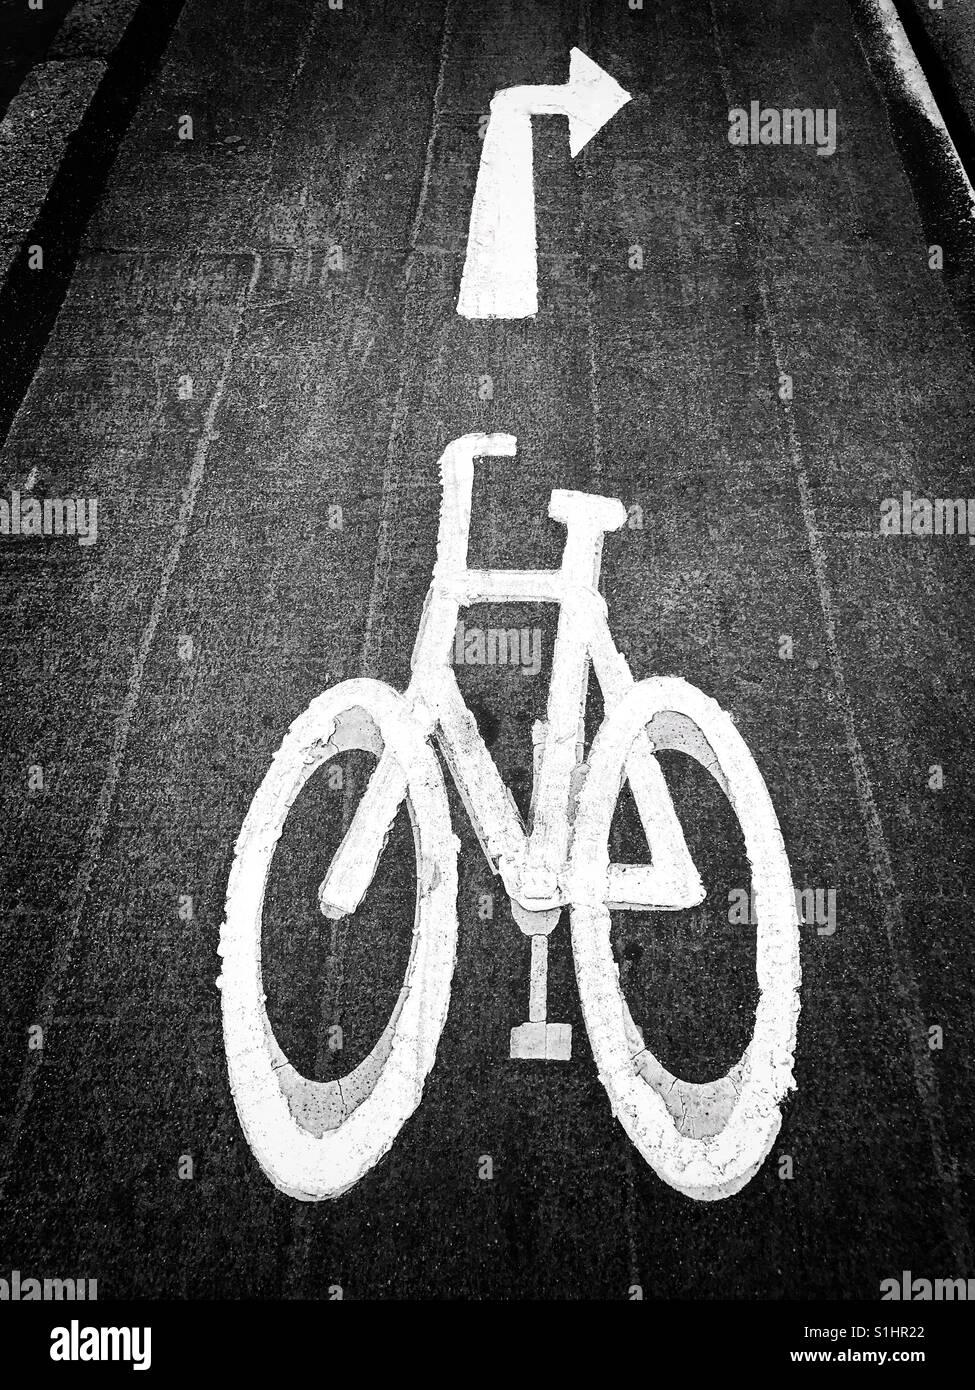 Eine gemalte weiße Symbol eines Fahrrades in einem städtischen Gebiet - Dies ist eine spezielle Radweg. Stockbild